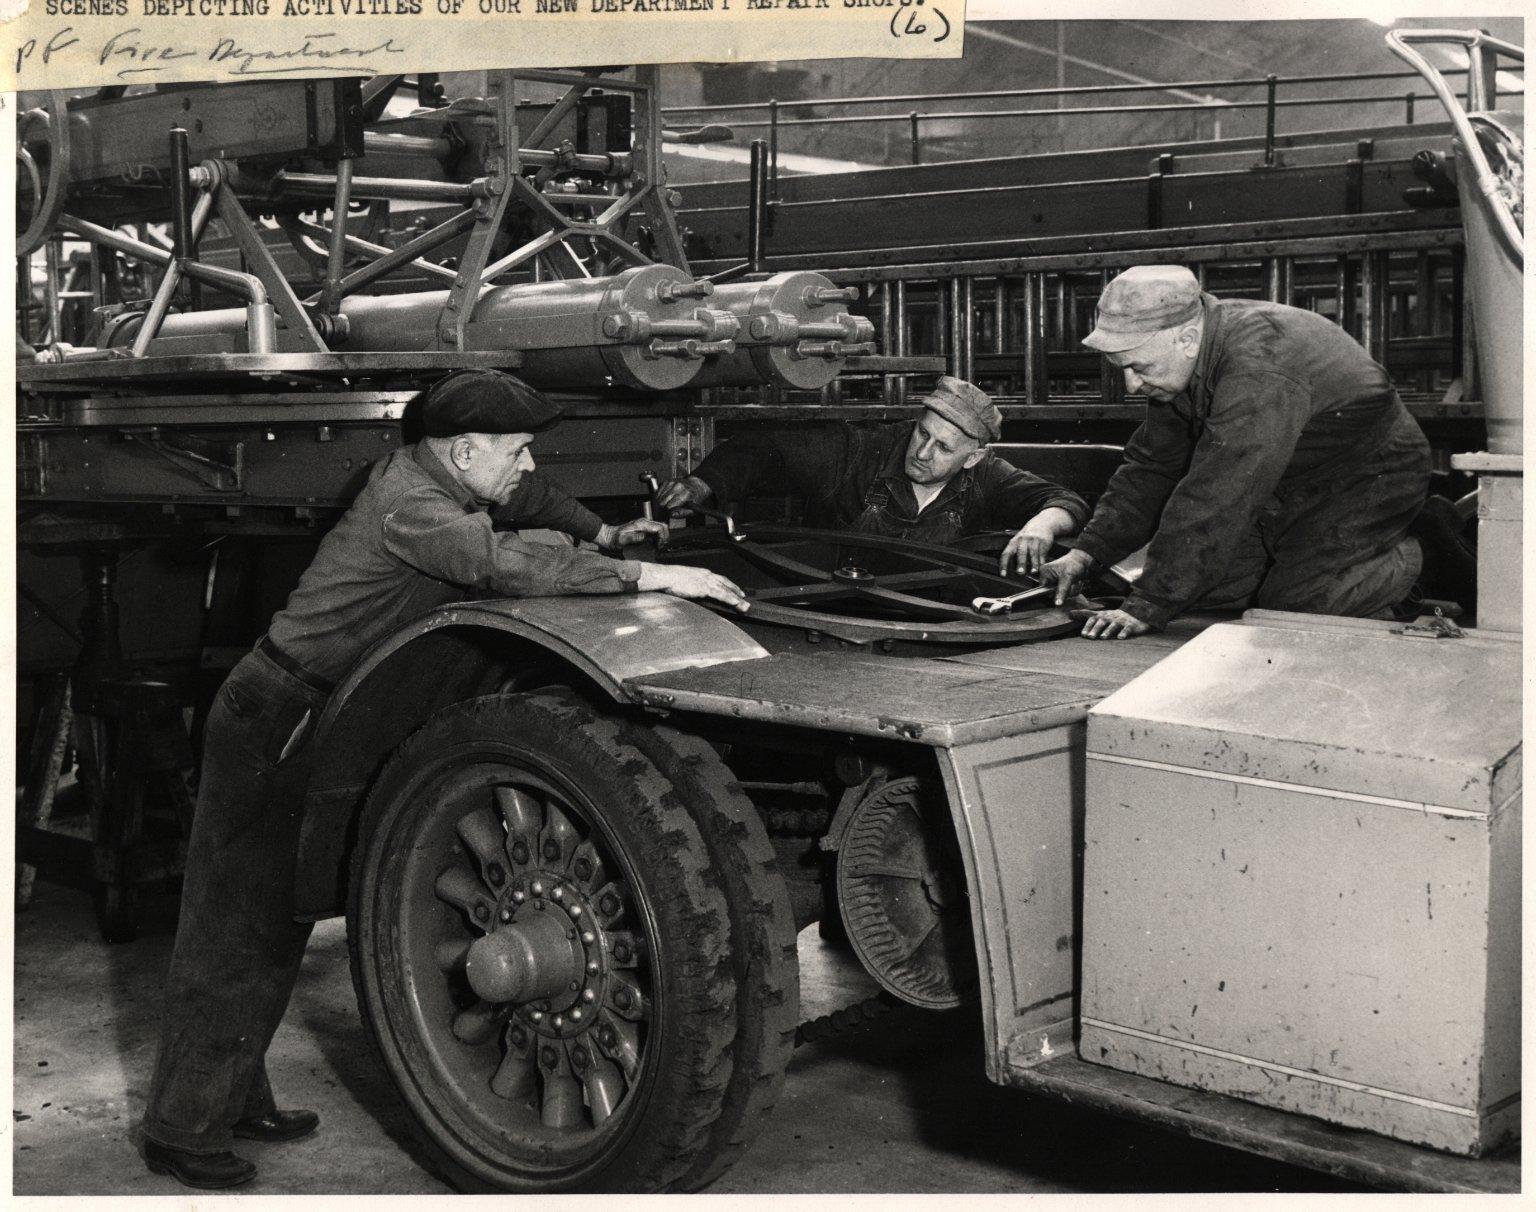 Работа механиков в мастерских пожарного департамента. Нью-Йорк, США.1950-е